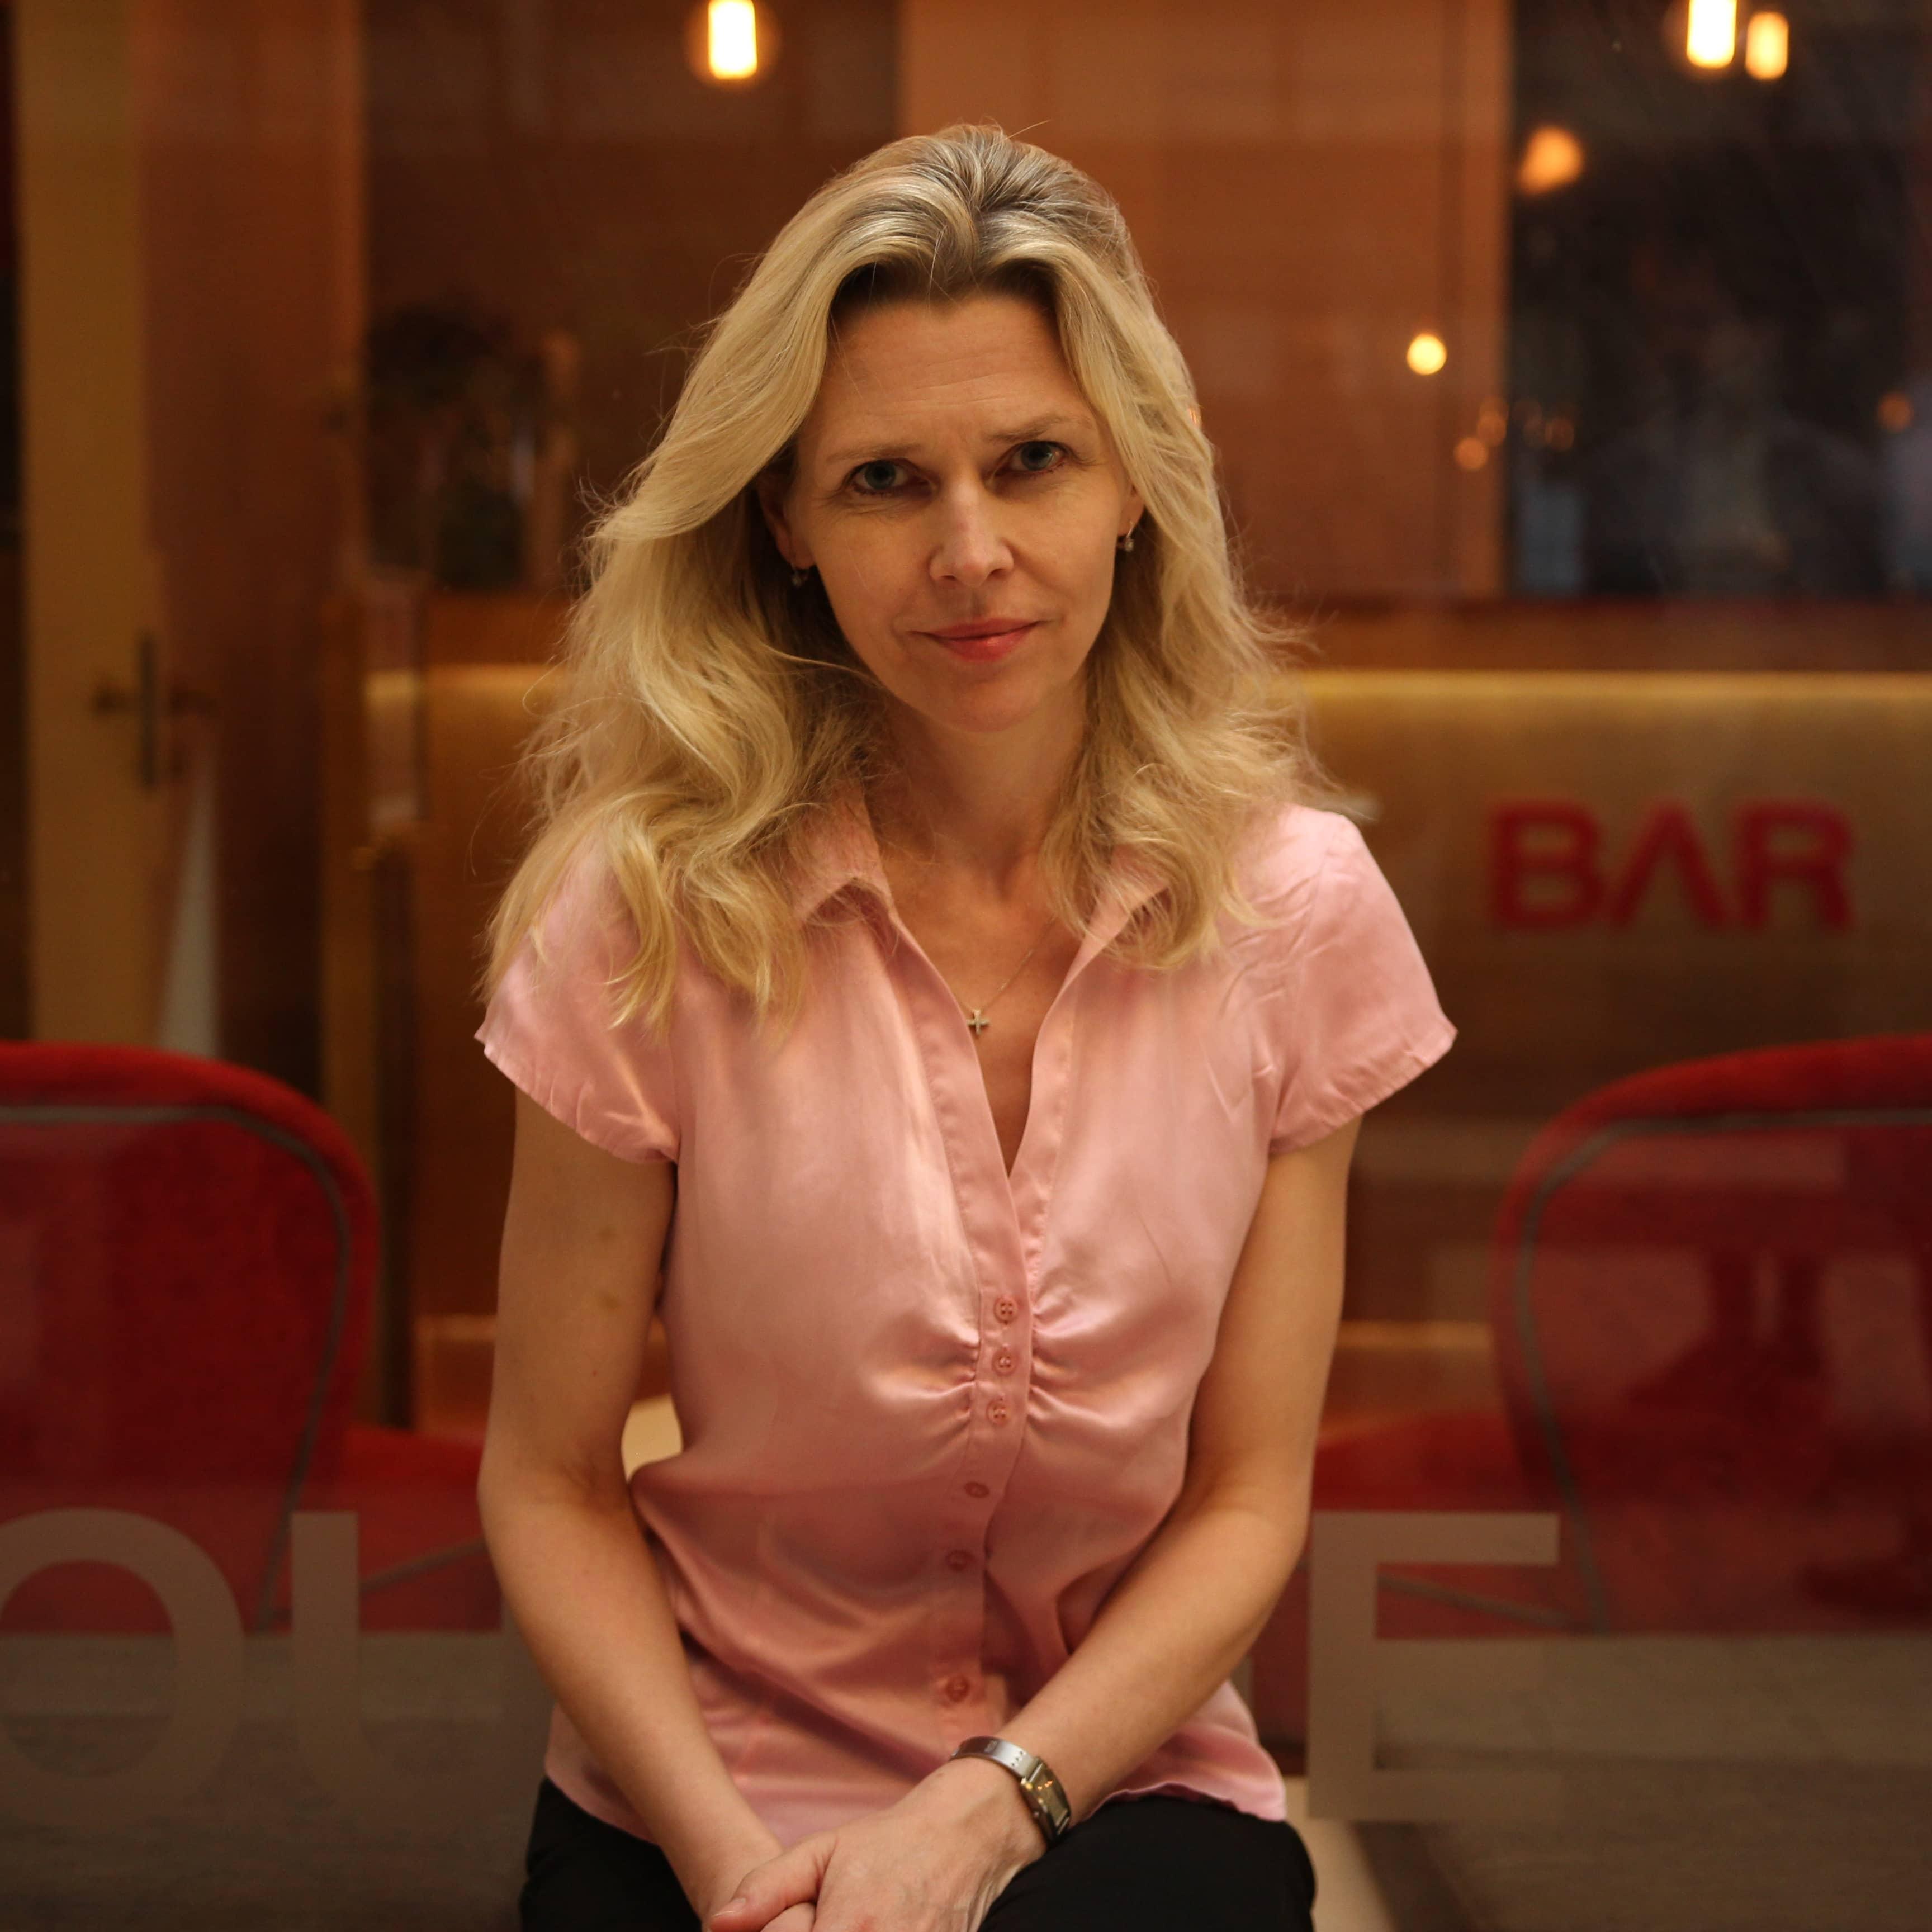 Dana Lancingerová